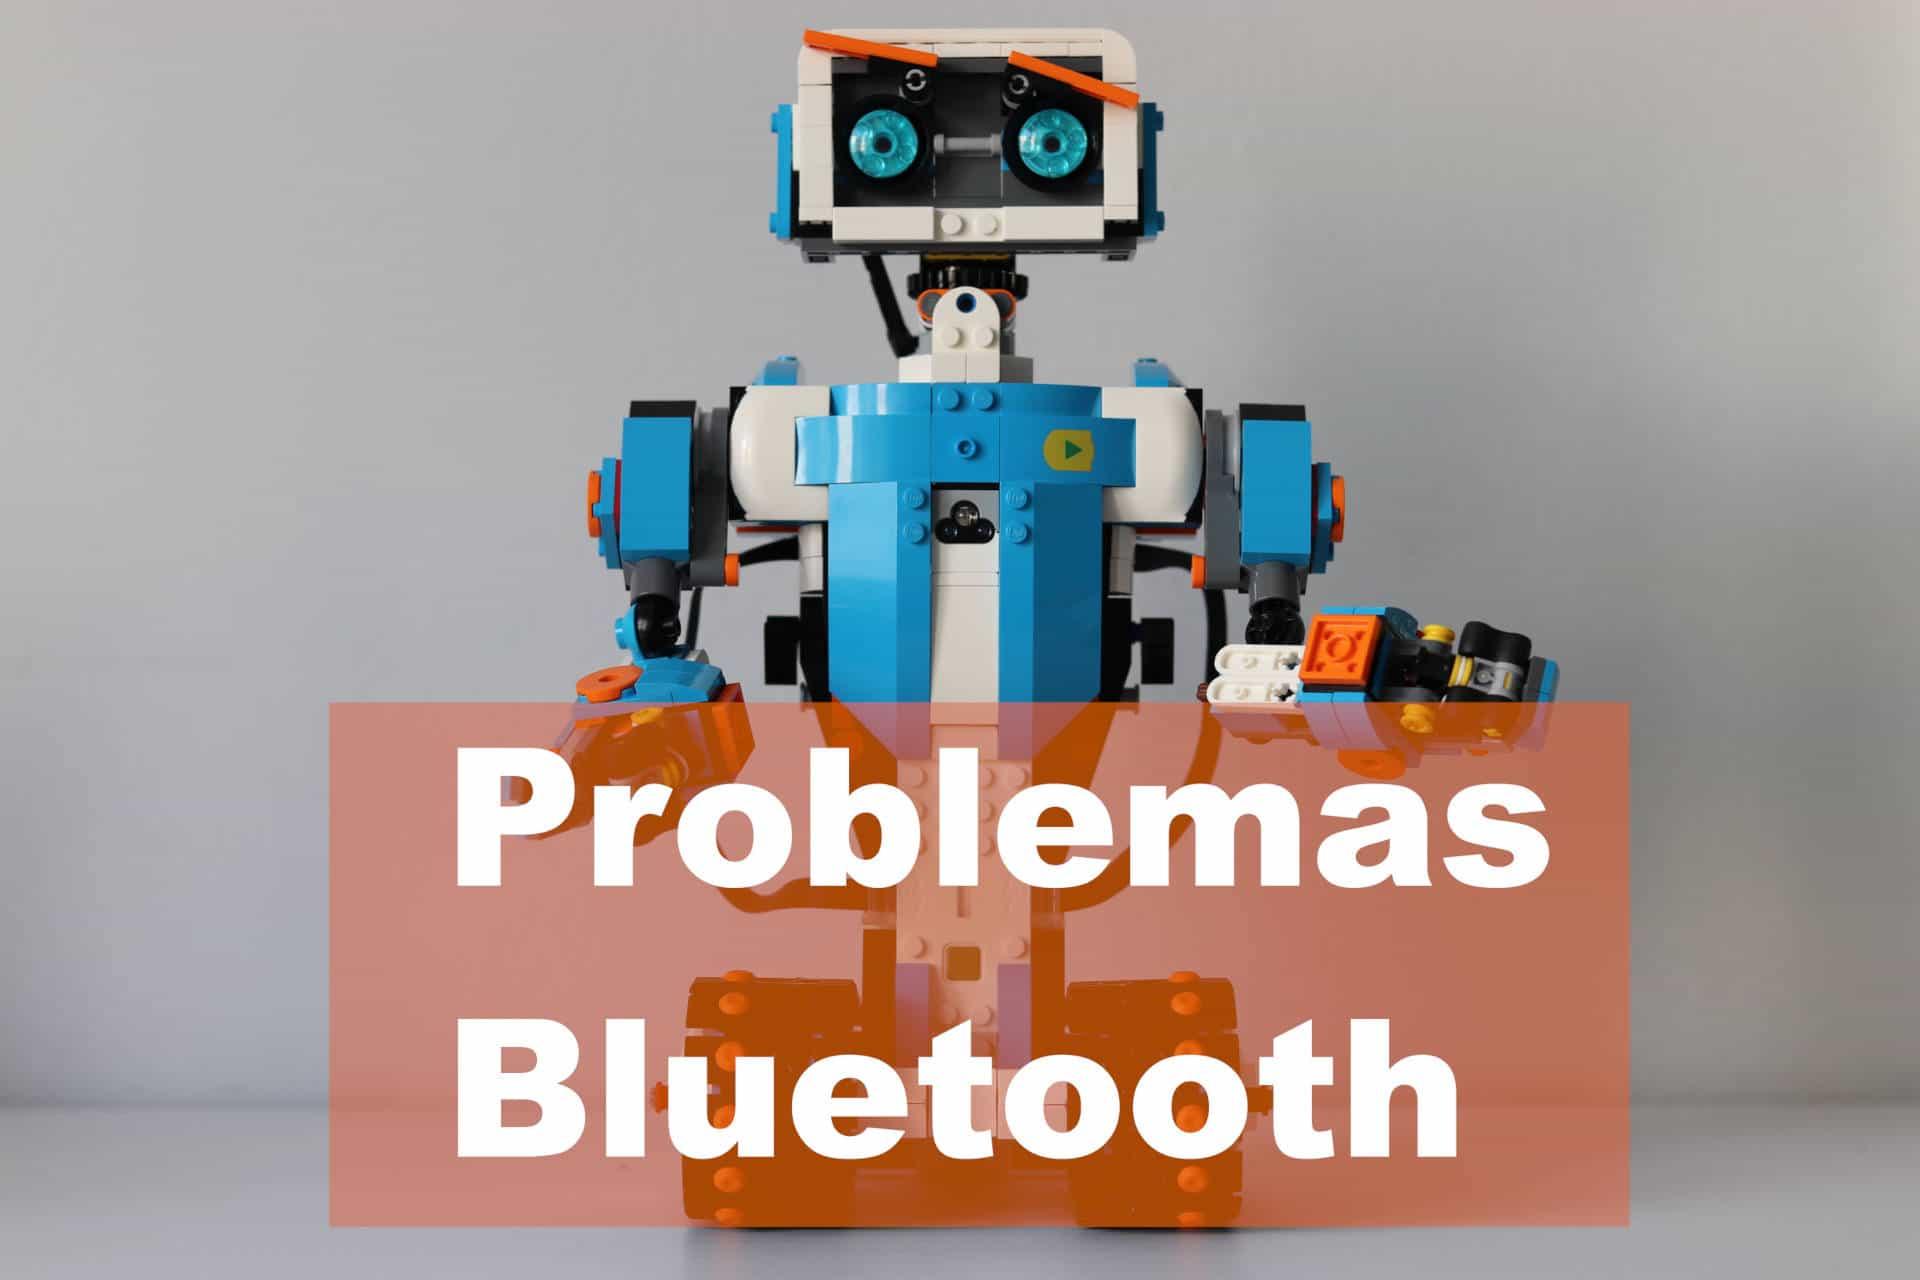 lego boost con problemas para conectar el bluetooth con la tablet